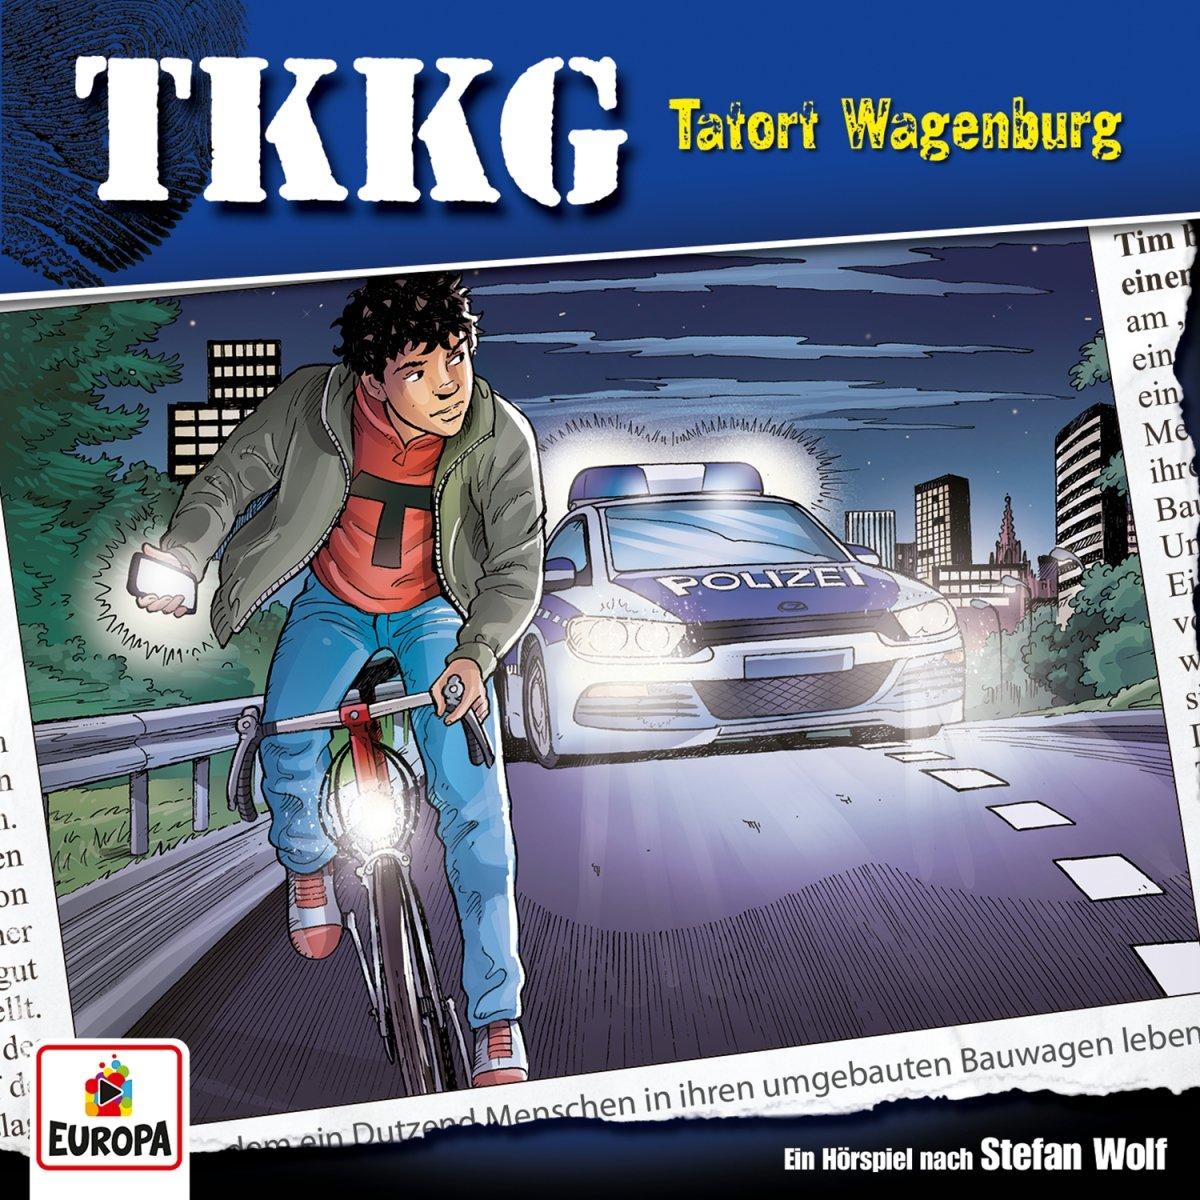 196 Tatort Wagenburg